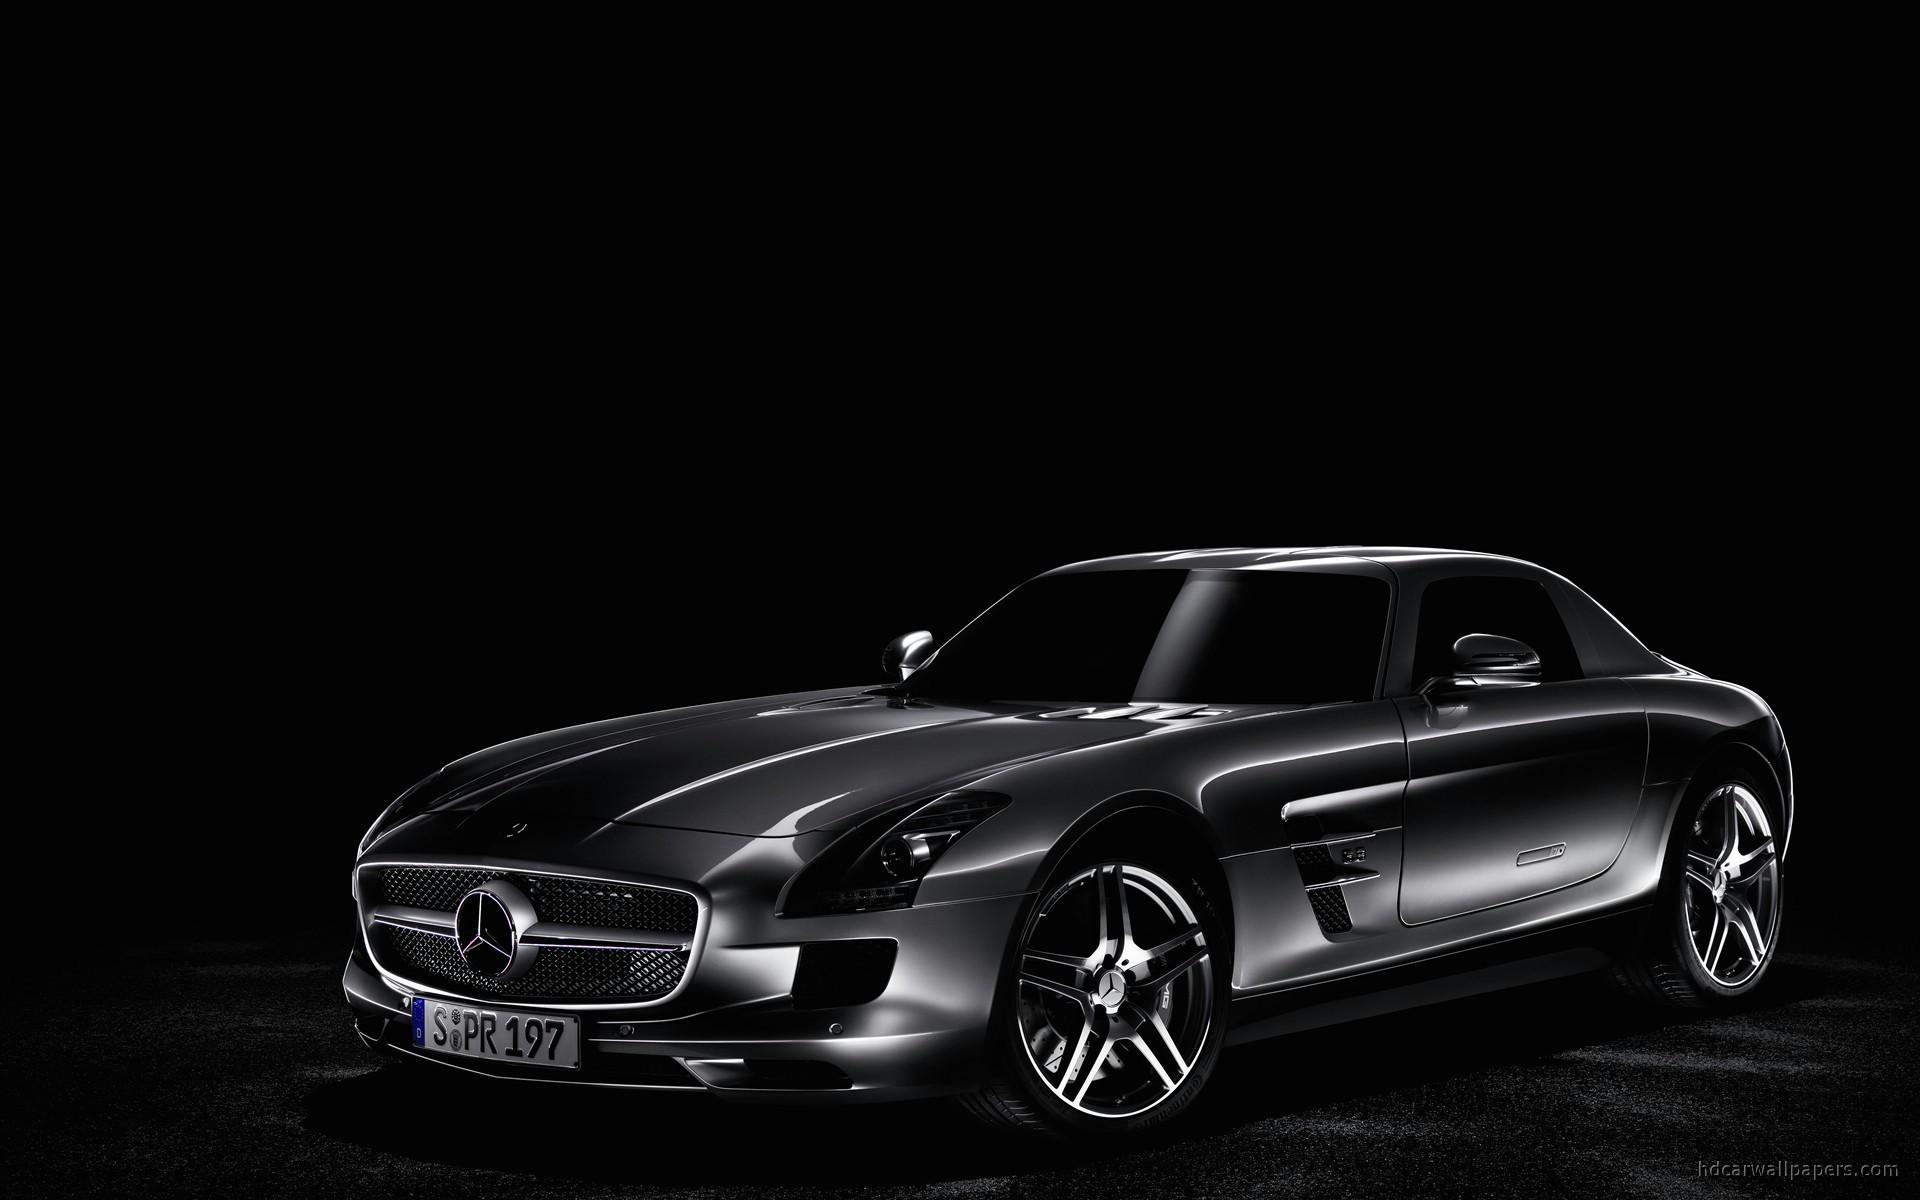 2011 Mercedes Benz SLS AMG 3 Wallpaper | HD Car Wallpapers ...